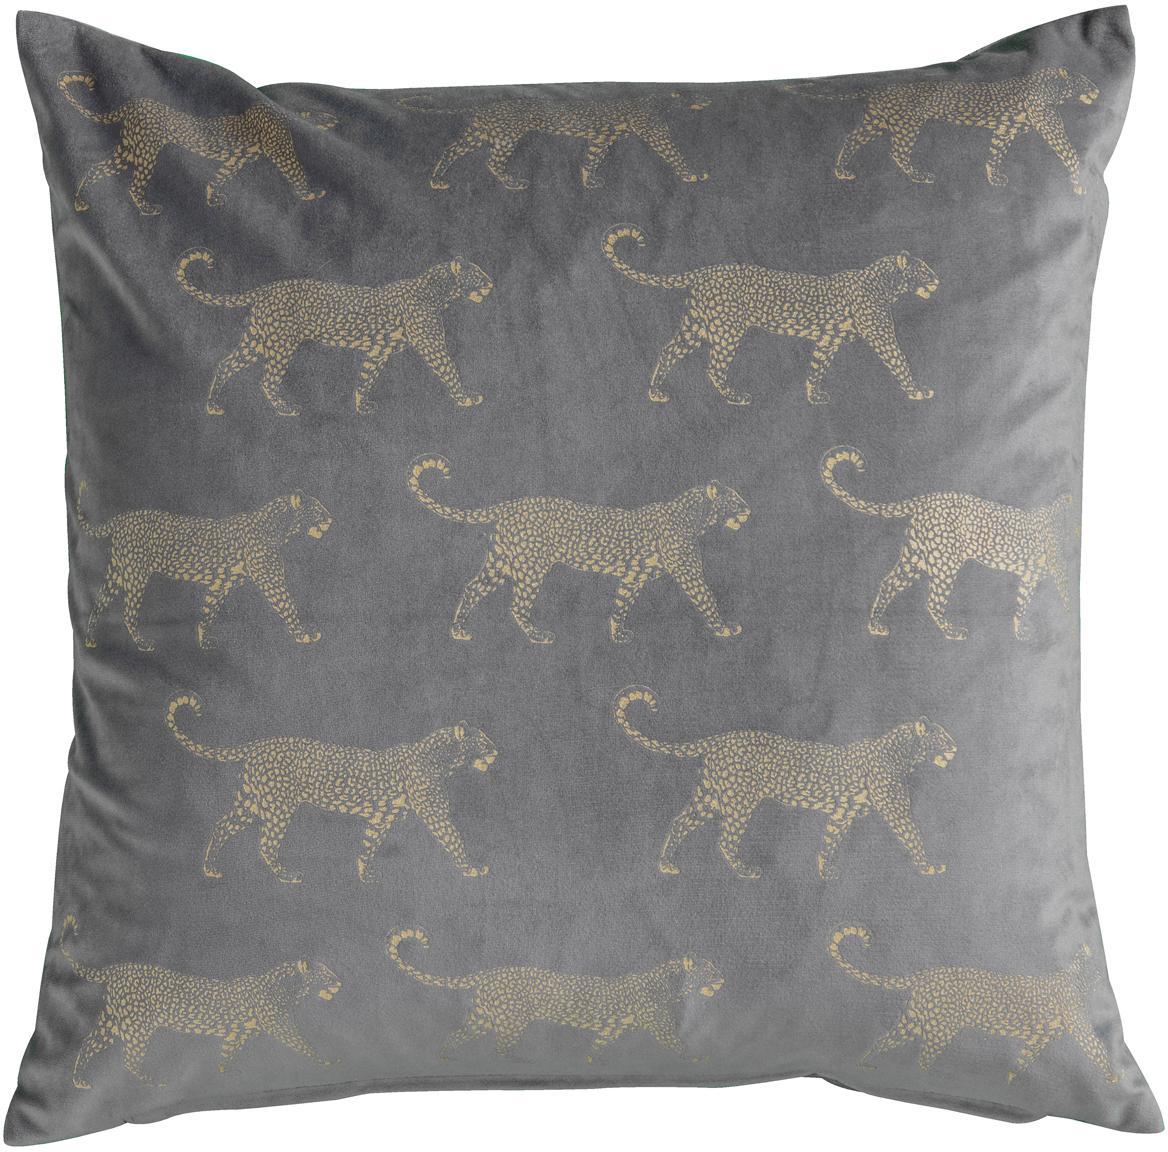 Fluwelen kussen Leopard, met vulling, Polyester fluweel, Grijs, goudkleurig, 45 x 45 cm